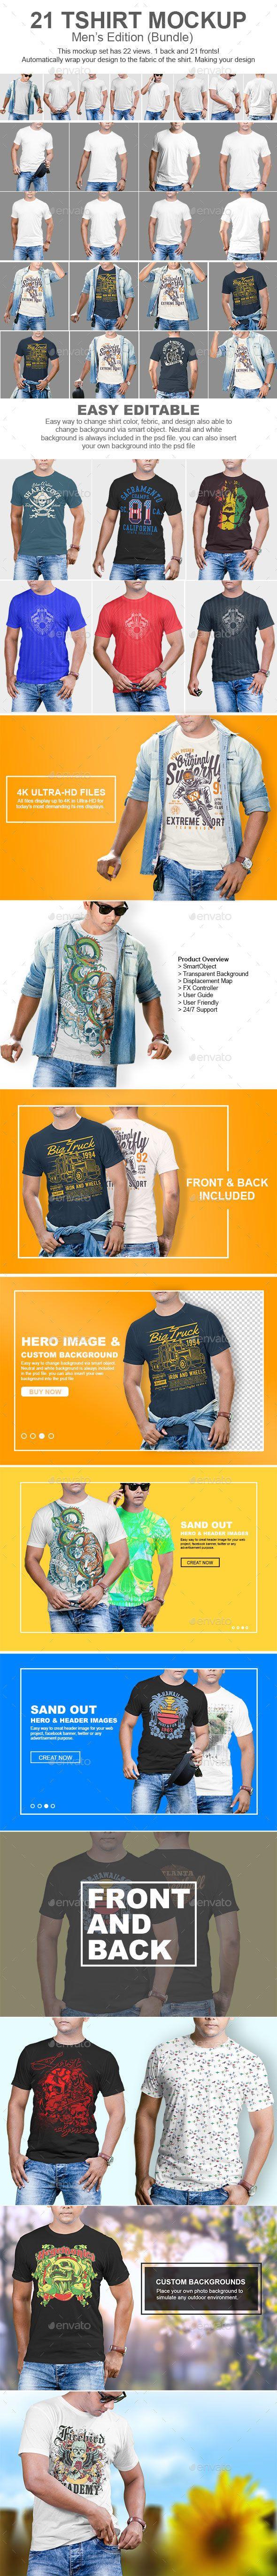 Download 21 Mens Tshirt Mockup Bundle Tshirt Mockup Clothing Mockup Mockup